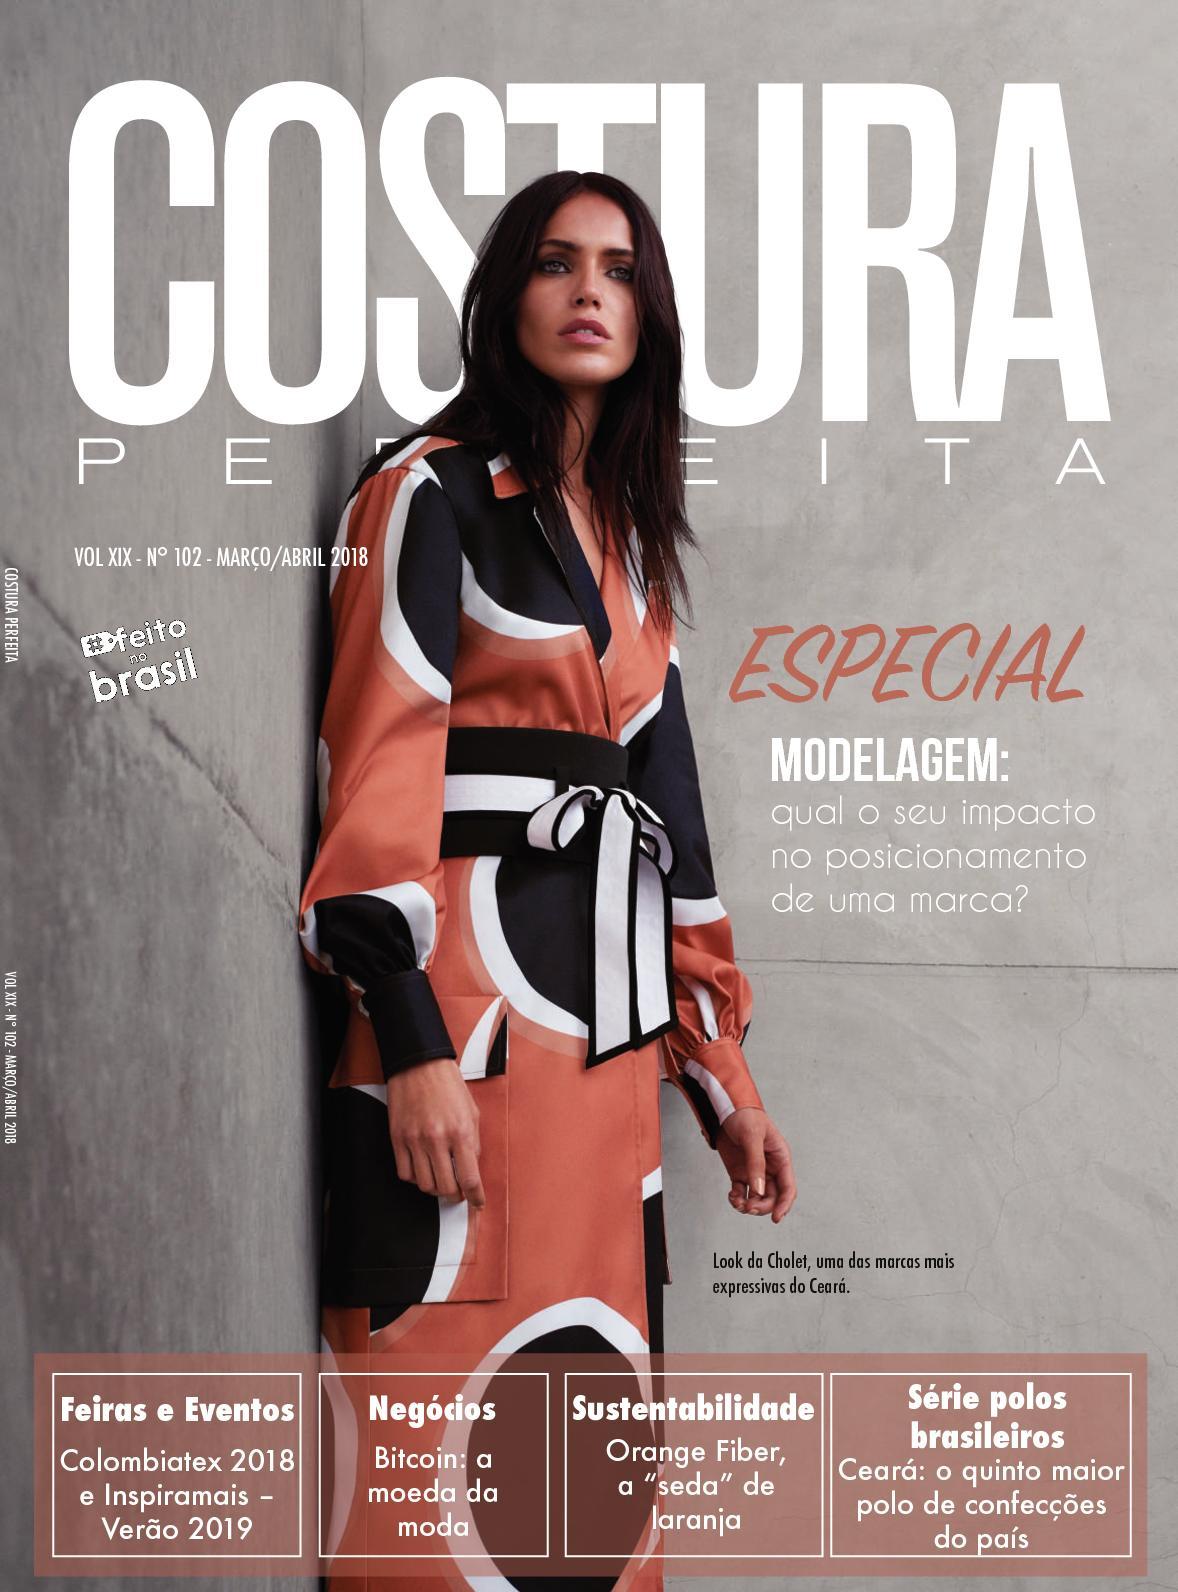 Calaméo - Revista Costura Perfeita Edição Ano XIX - N102 - Março - Abril  2018 6837bbce0279d